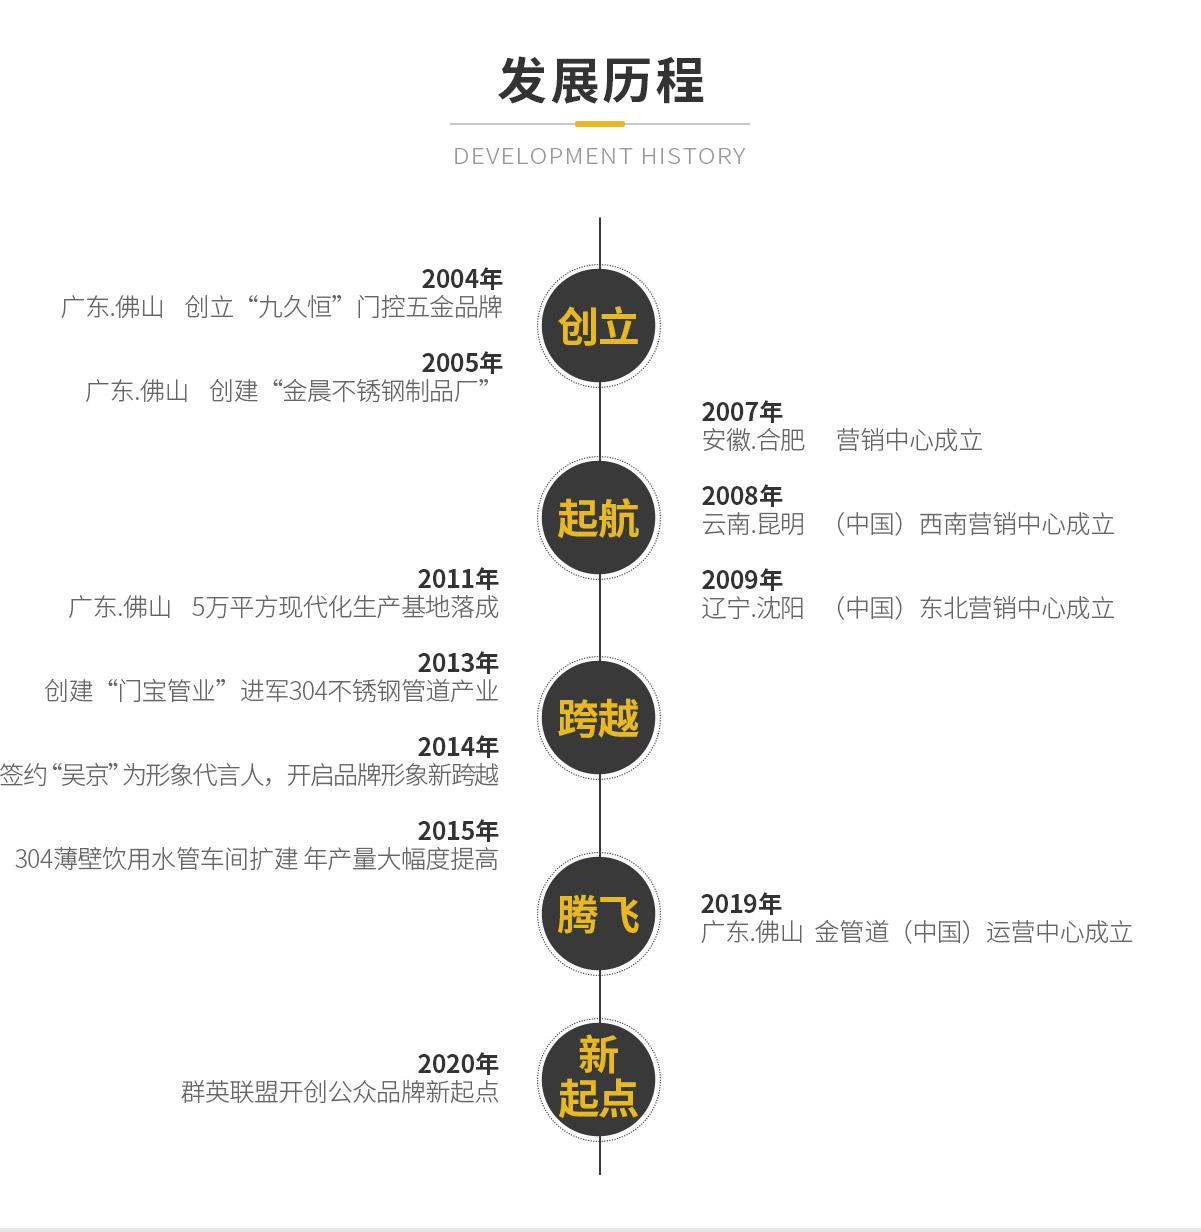 金管汇发展历程